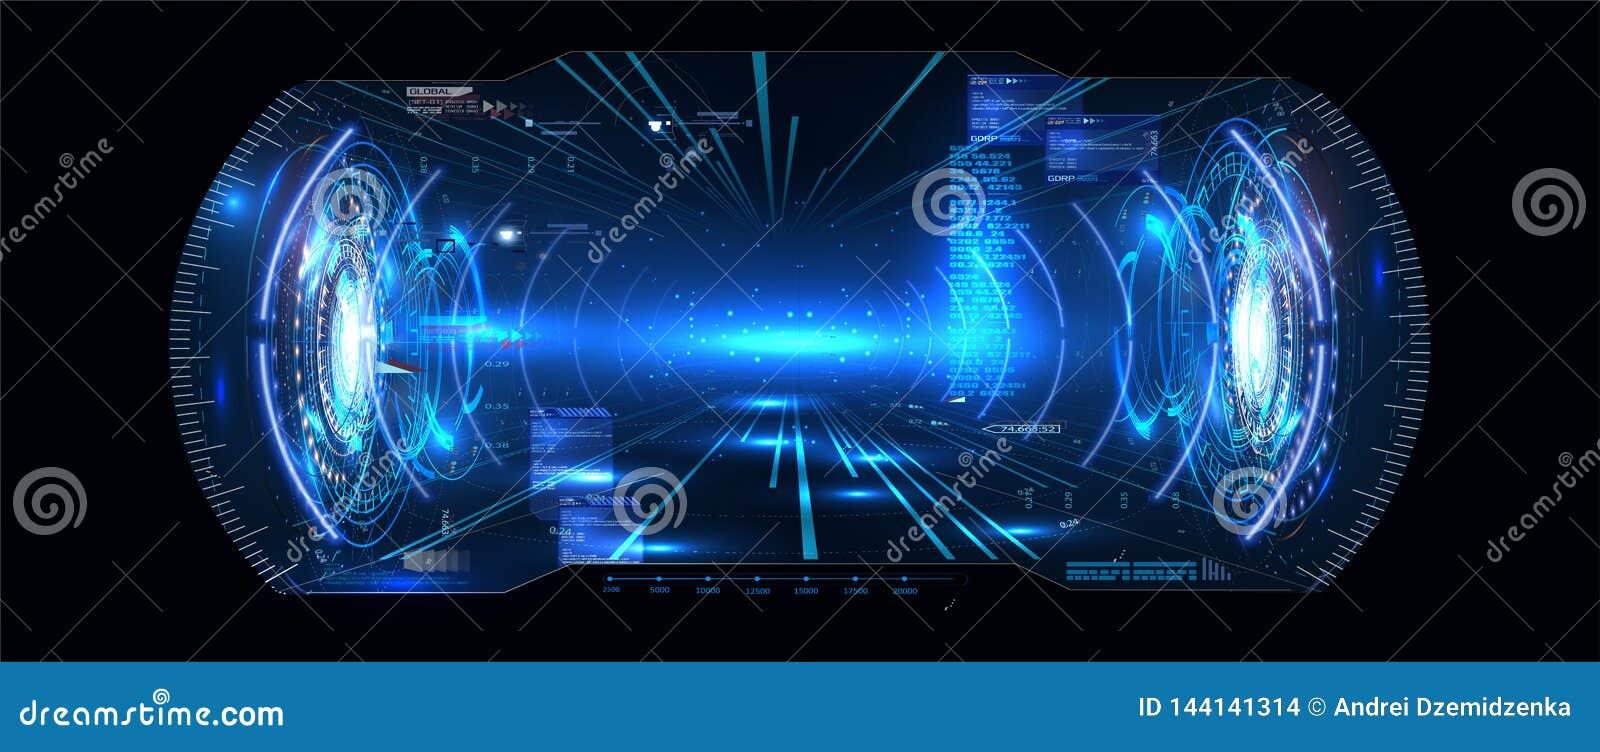 Futurystyczny wektor VR W górę pokazu HUD UI GUI interfejsu Parawanowego projekta Rzeczywistość wirtualna Cyfrowego interfejs uży